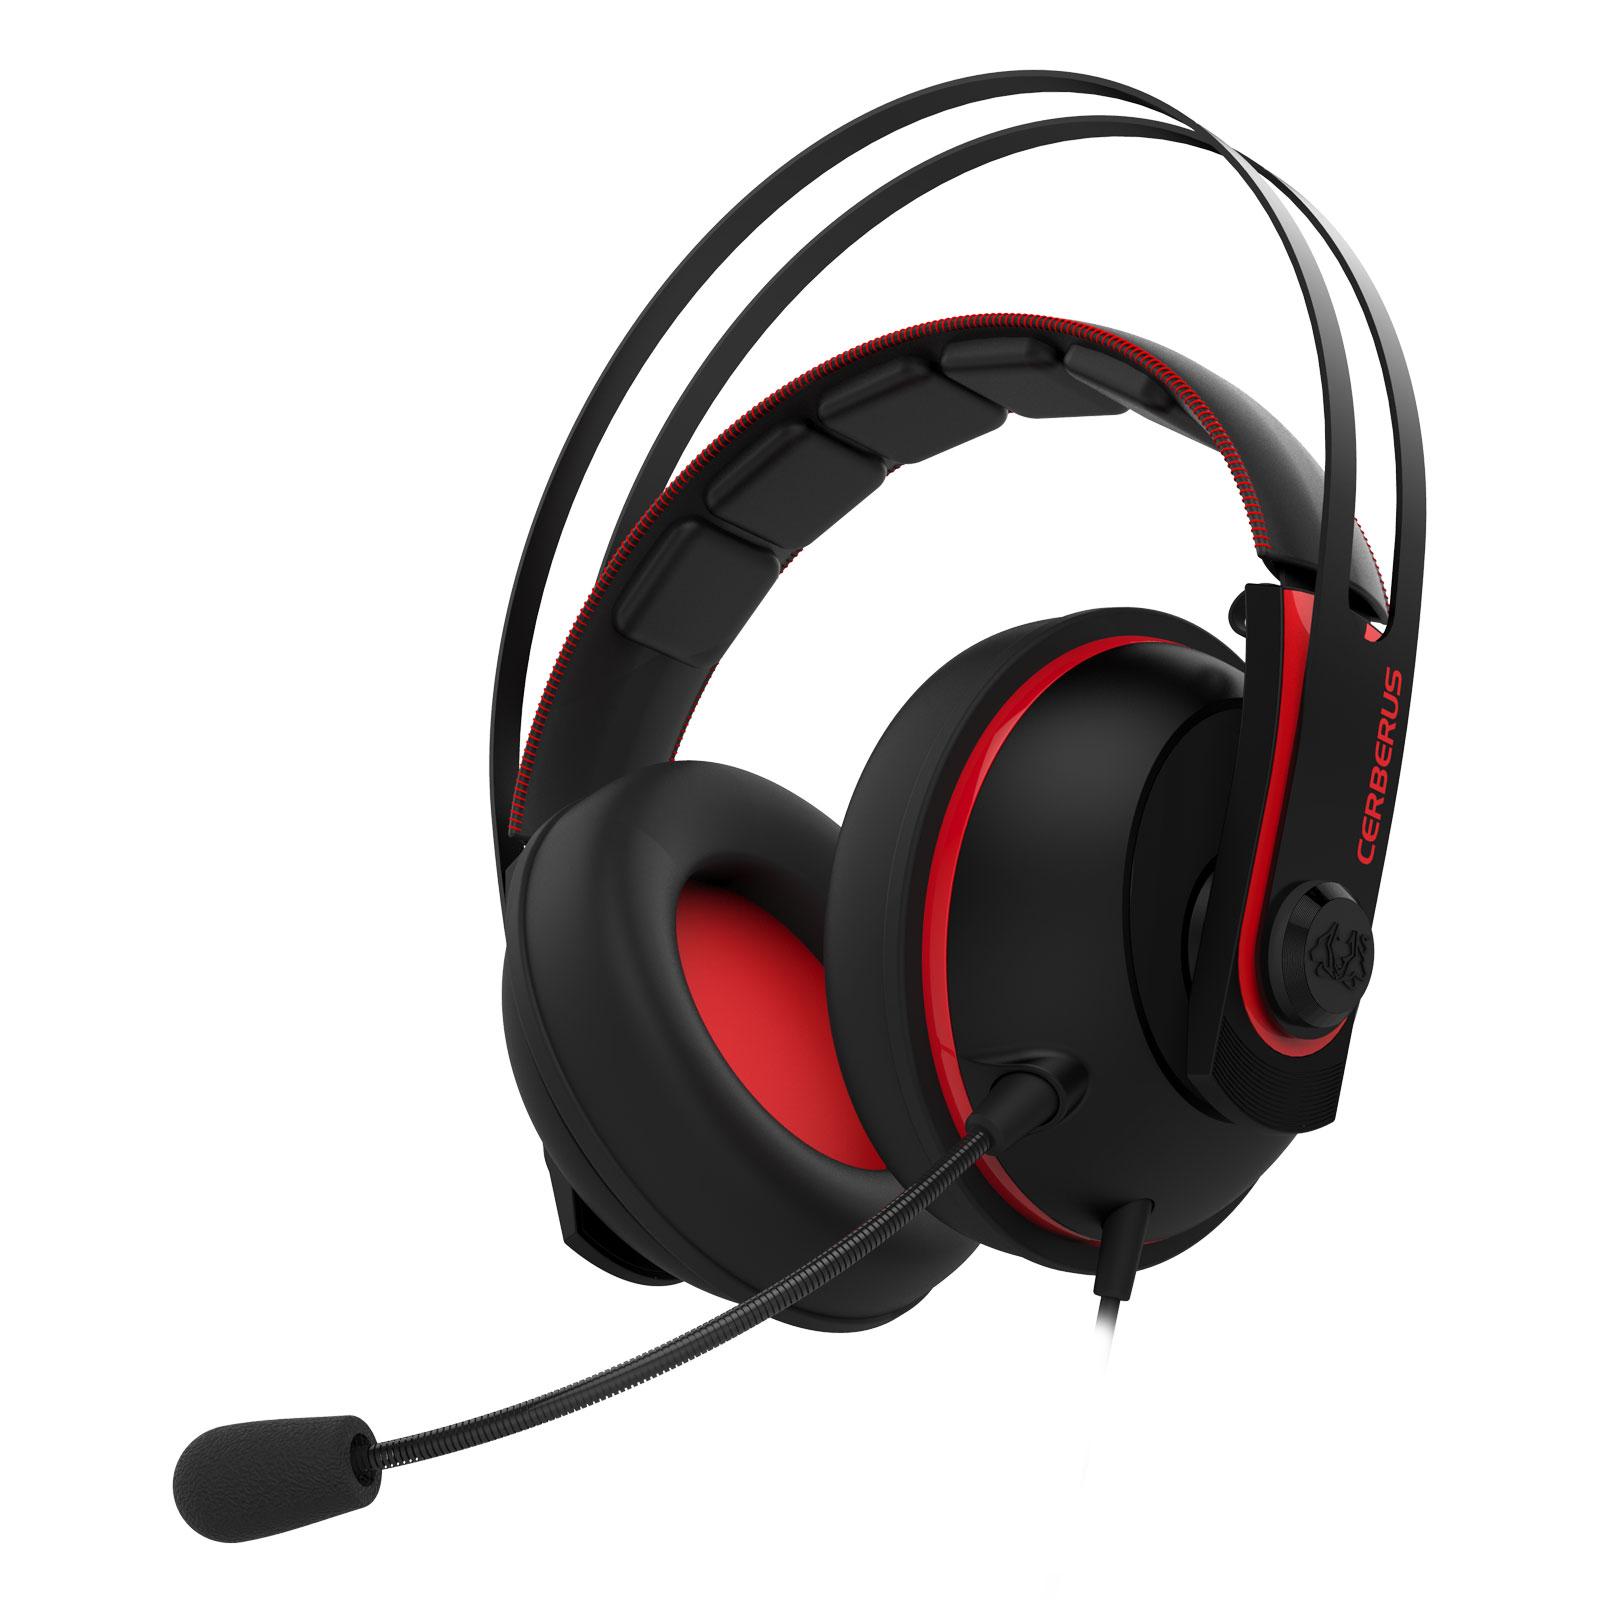 Asus Cerberus V2 Rouge Stereo Noir - Micro-casque - Cybertek.fr - 0